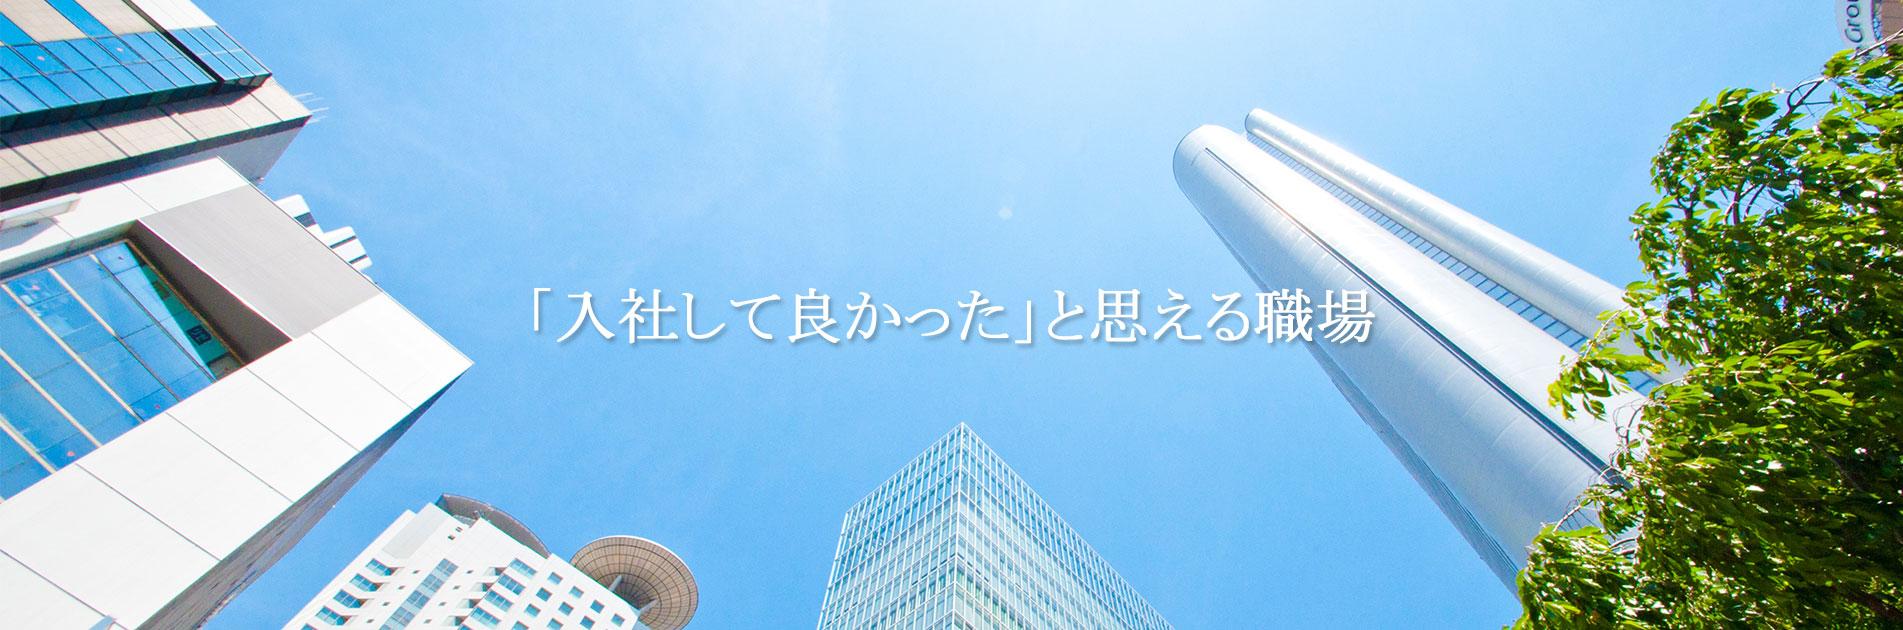 【正社員】税理士の求人・募集中